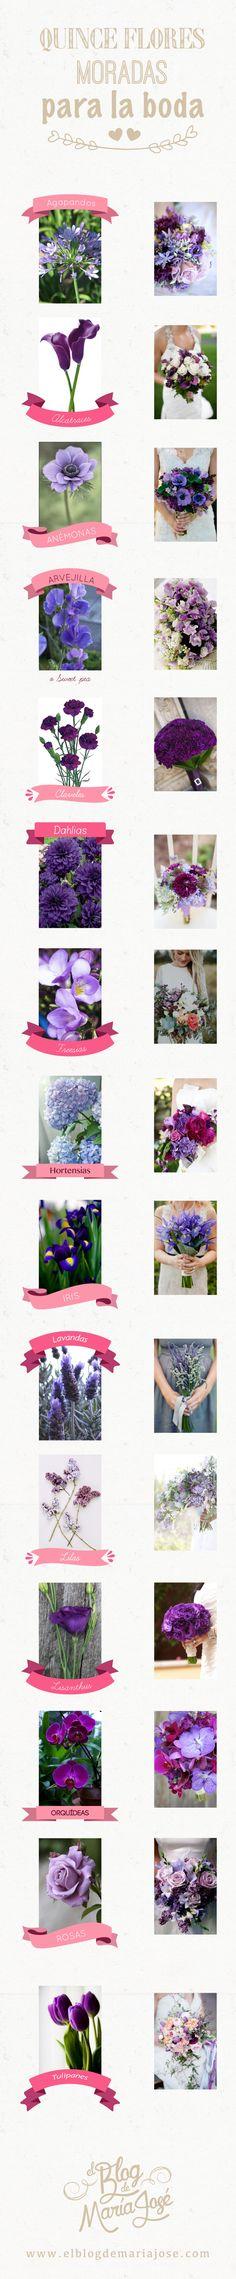 Quince flores moradas para la boda #bodas #ElBlogdeMaríaJosé #FloresBoda #UltraViolet Tea Party Decorations, Dream Wedding, Wedding Dreams, Ideas Para, Bouquets, Chic, Blog, Vestidos, Lilac Wedding